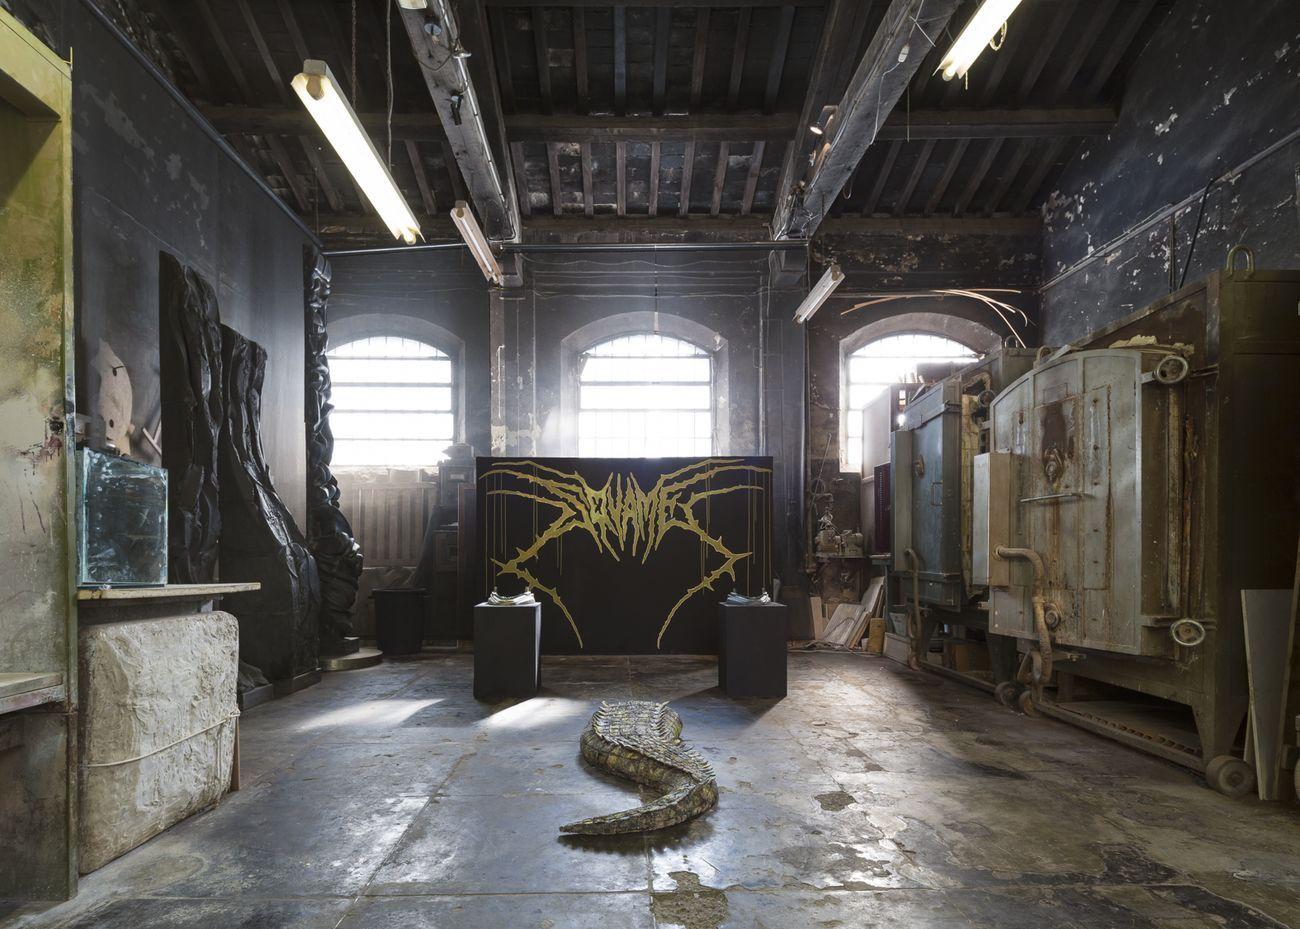 Marco Ceroni, Squame, 2020, Installation view at Museo Carlo Zauli, Faenza 2020. Wall painting di Elia Landi. Courtesy GALLLERIAPIÙ, Bologna. Photo Stefano Maniero